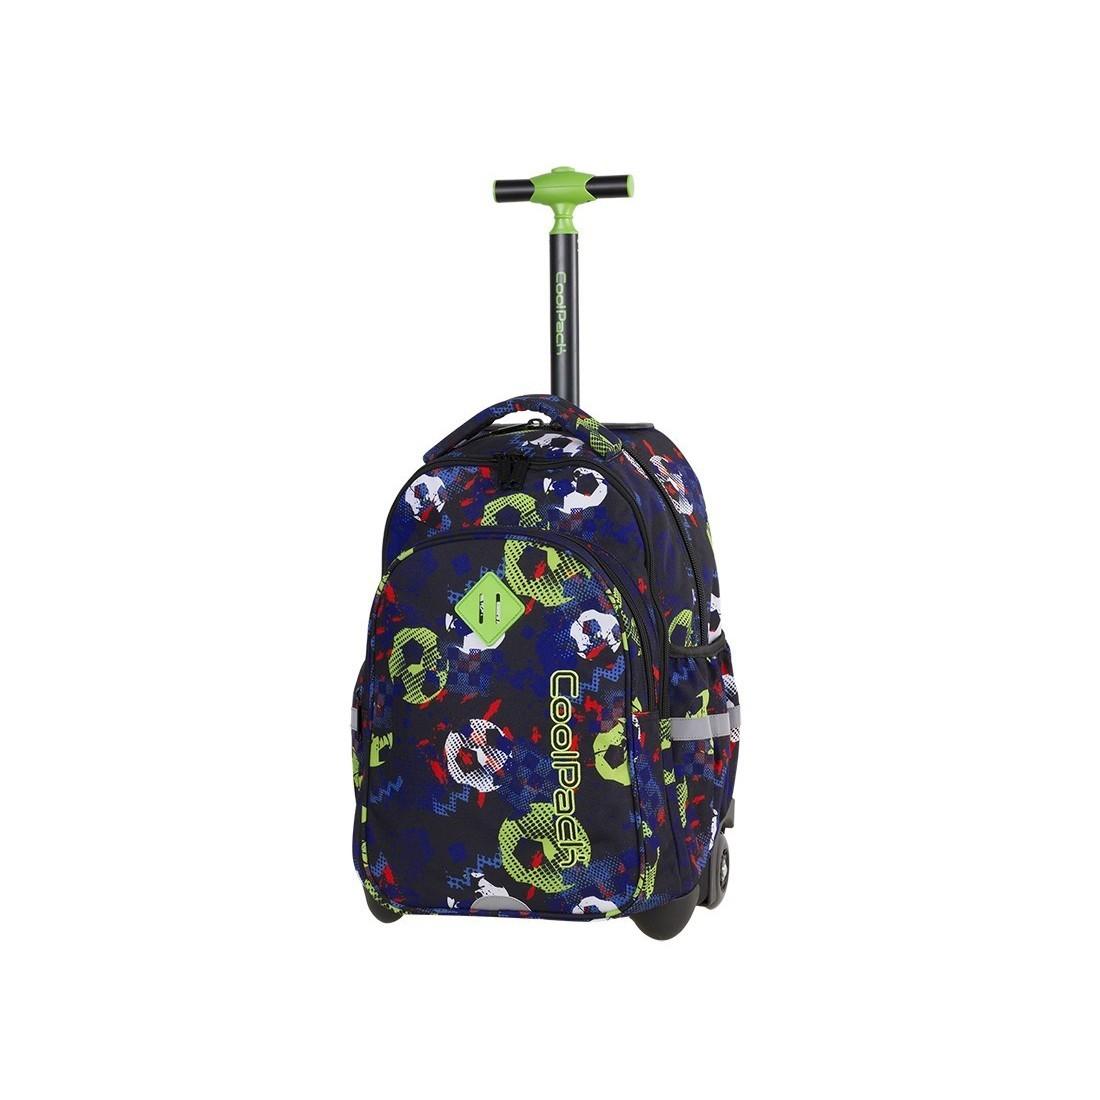 f1871ac13c104 Plecak na kółkach w piłki granatowy, zielony, biały dla chłopaka CoolPack  CP JUNIOR FOOTBALL